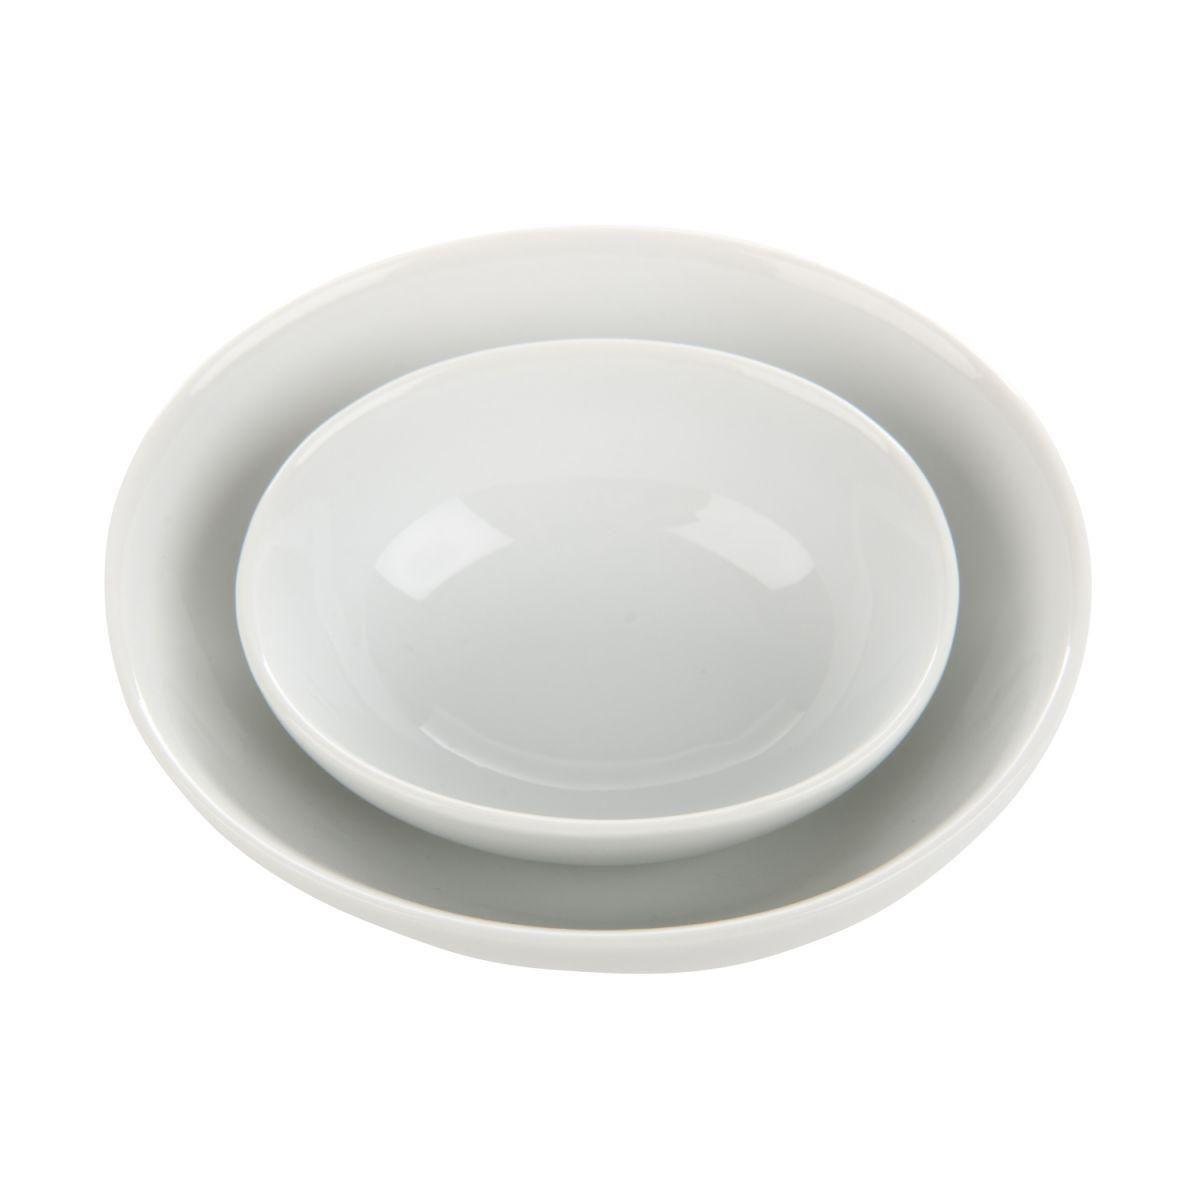 bowl oval 11x10 cm porcelain